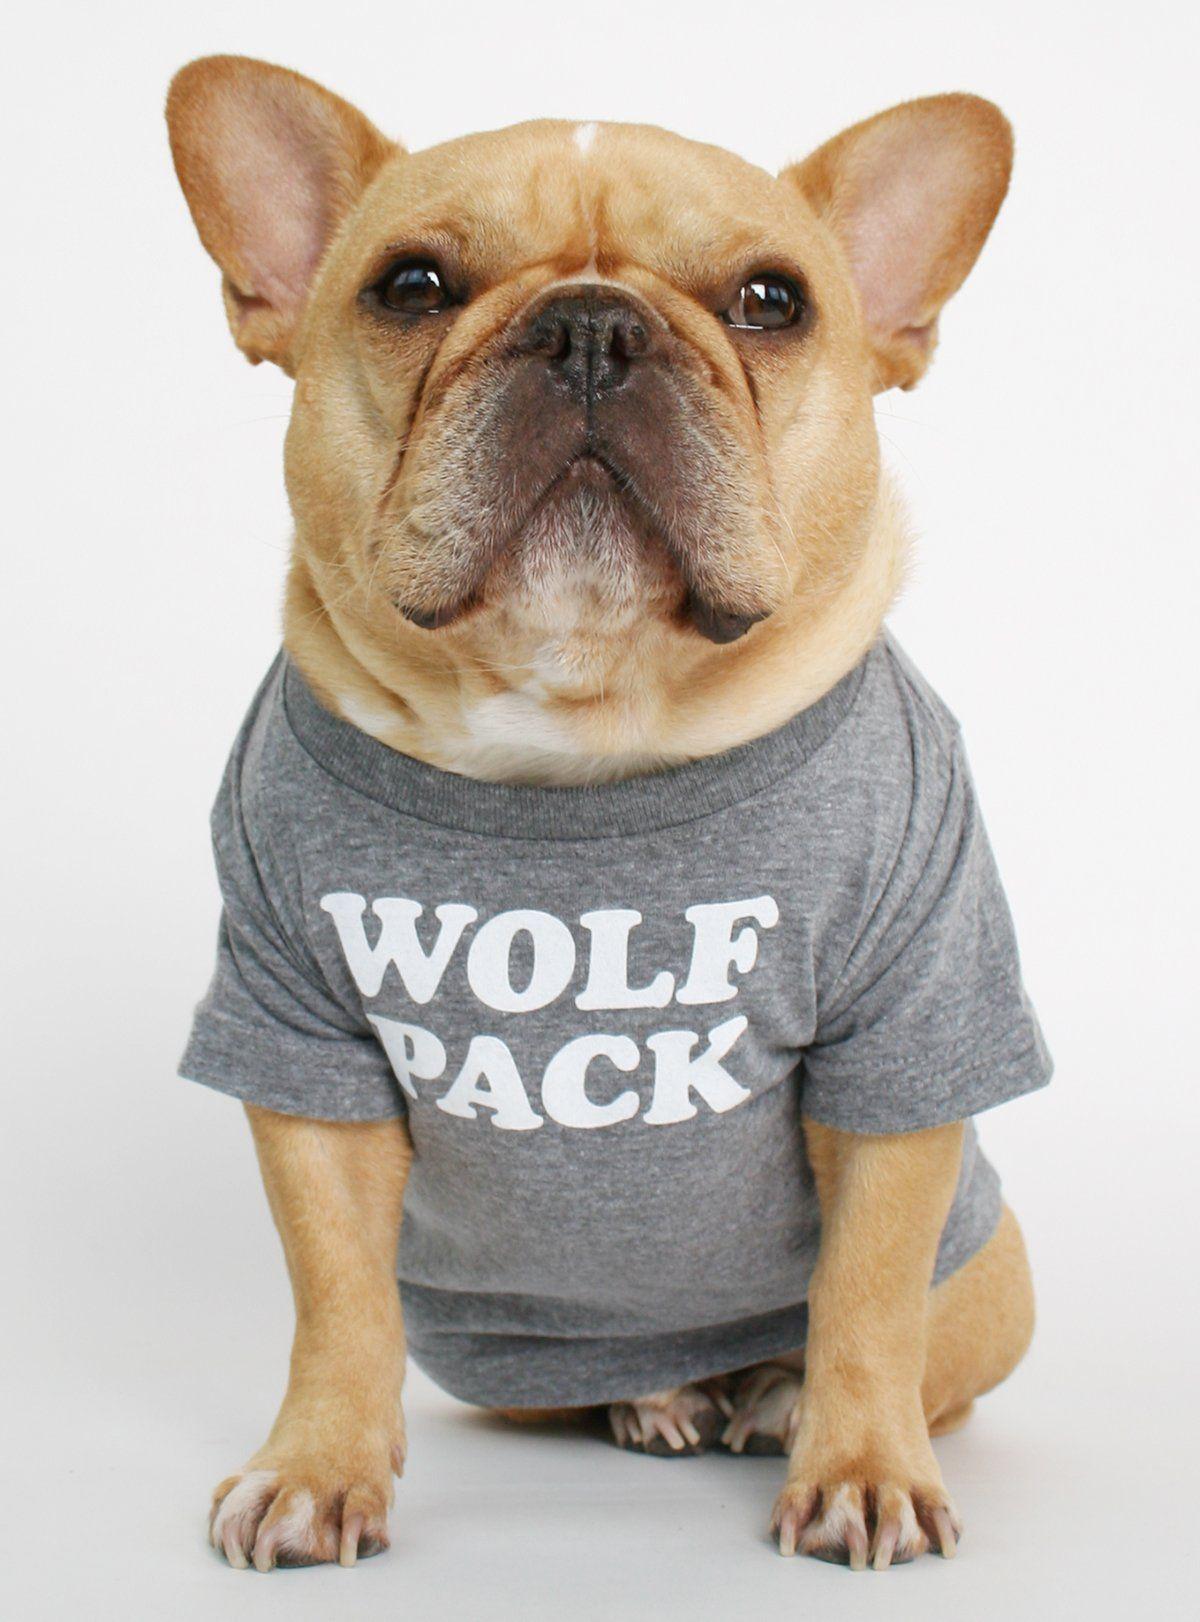 WOLF PACK DOG TEE Dog shirt, Dogs tee, Bulldog